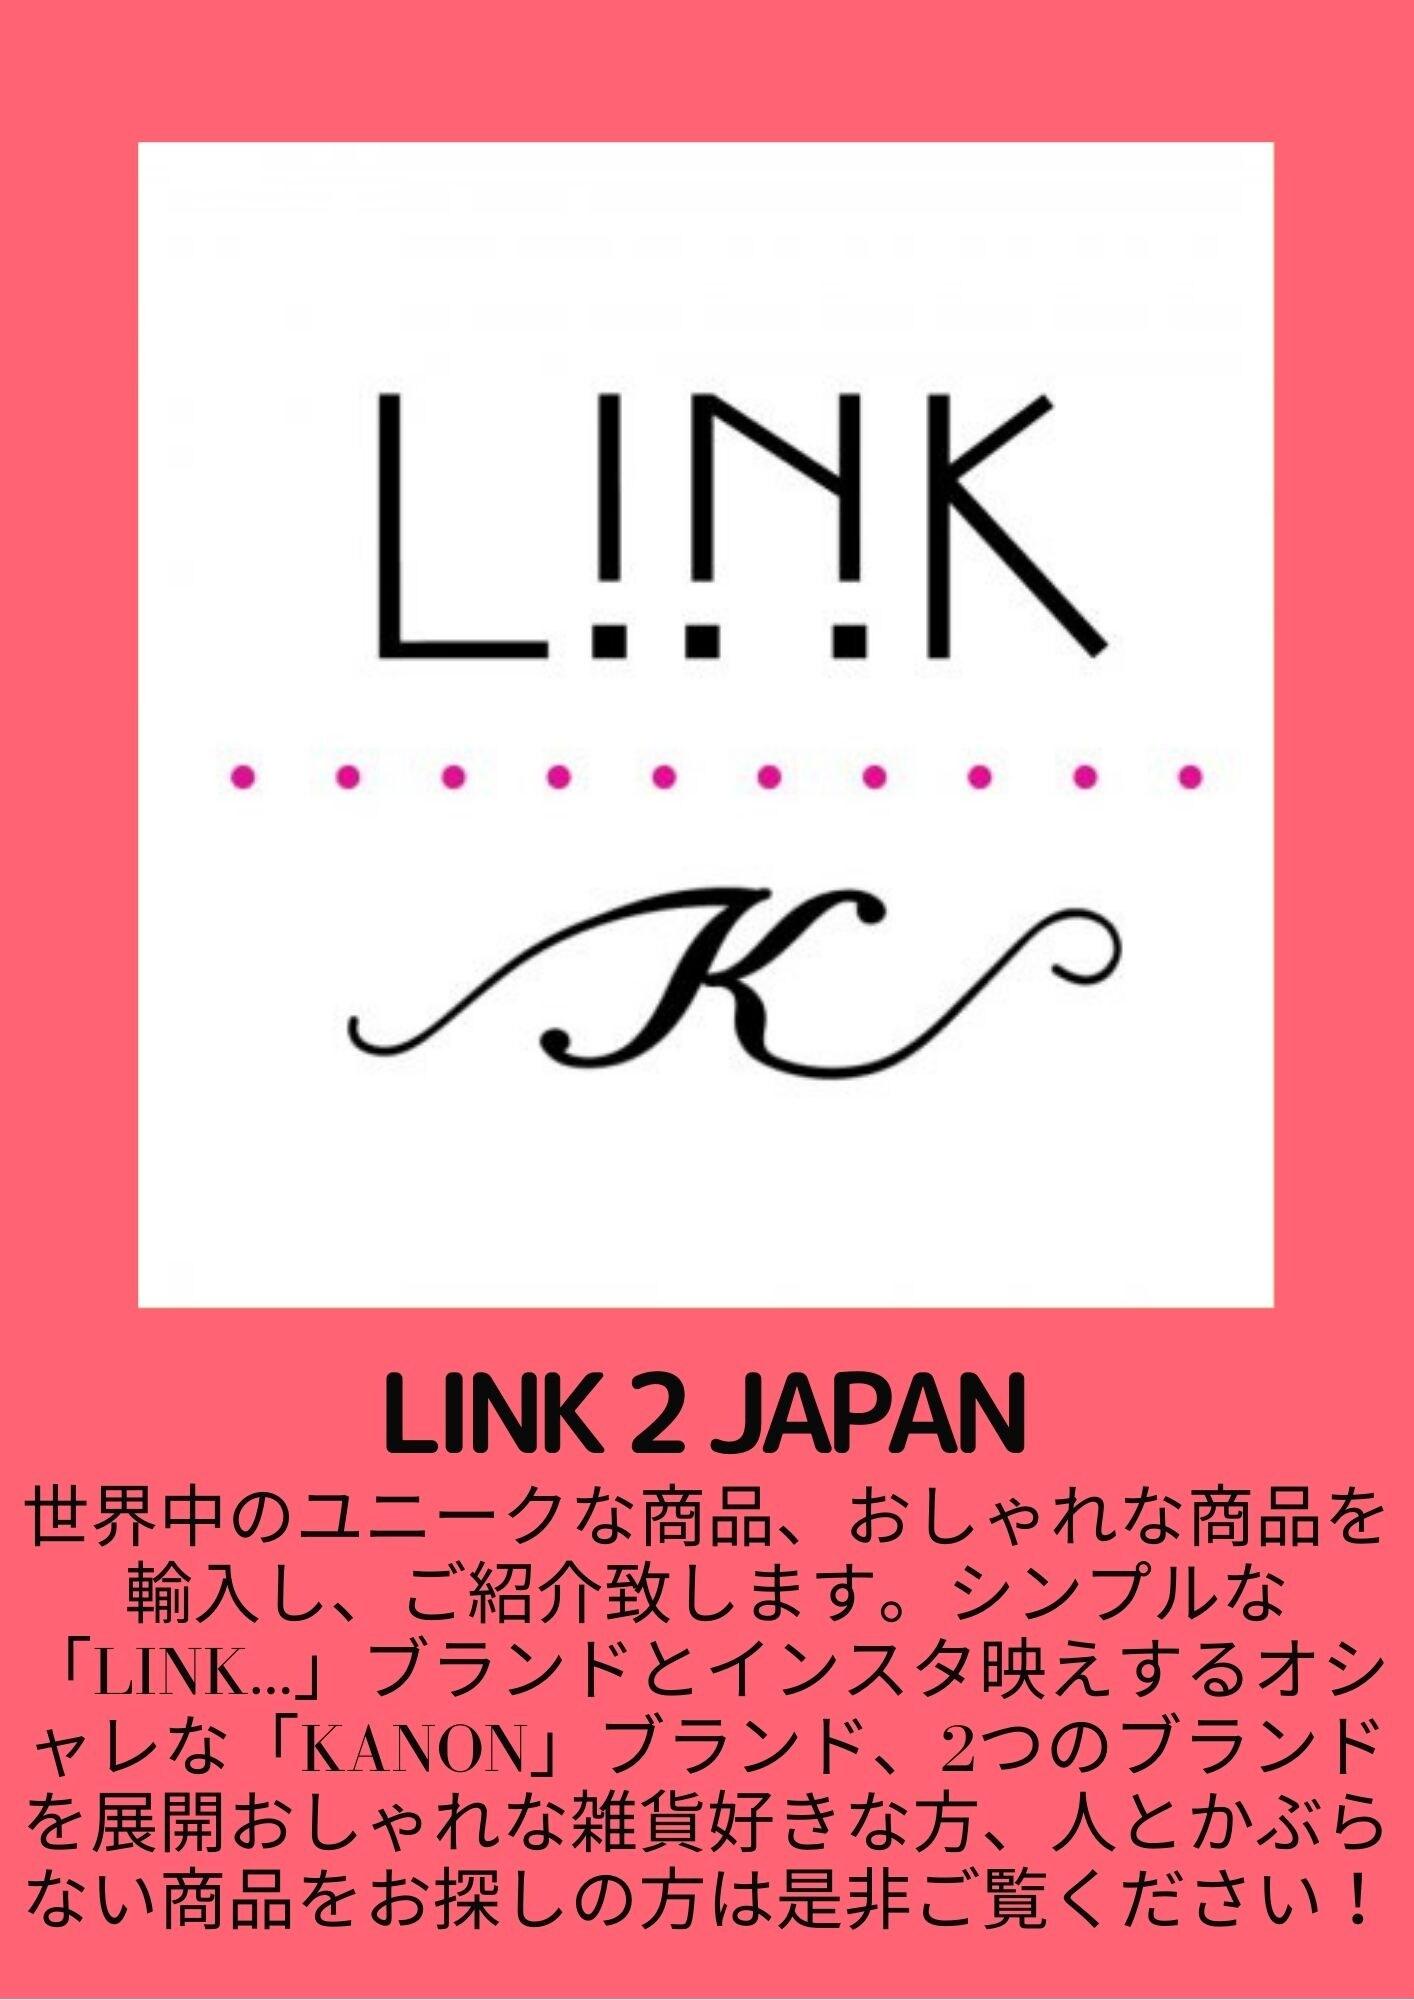 Link 2 Japan